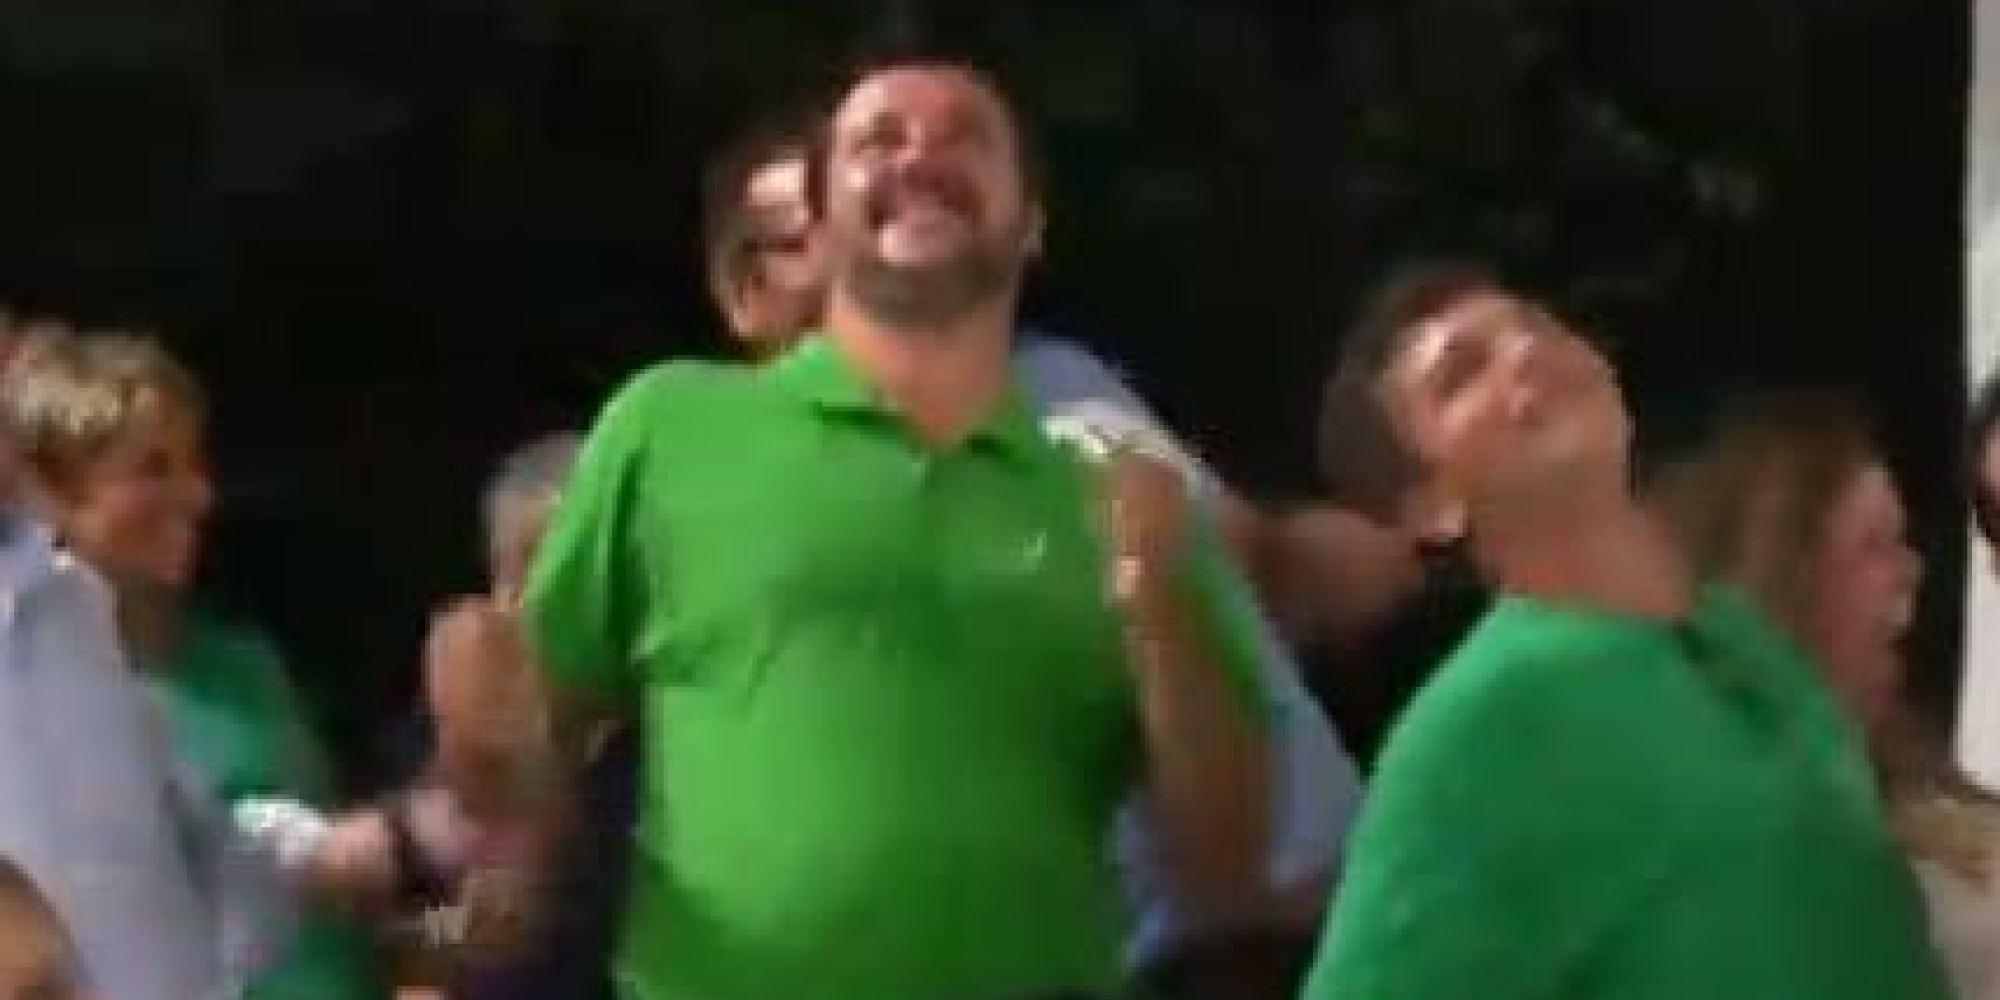 Matteo Salvini e il ballo scatenato sul tormentone dell'estate: 'Andiamo a governare'